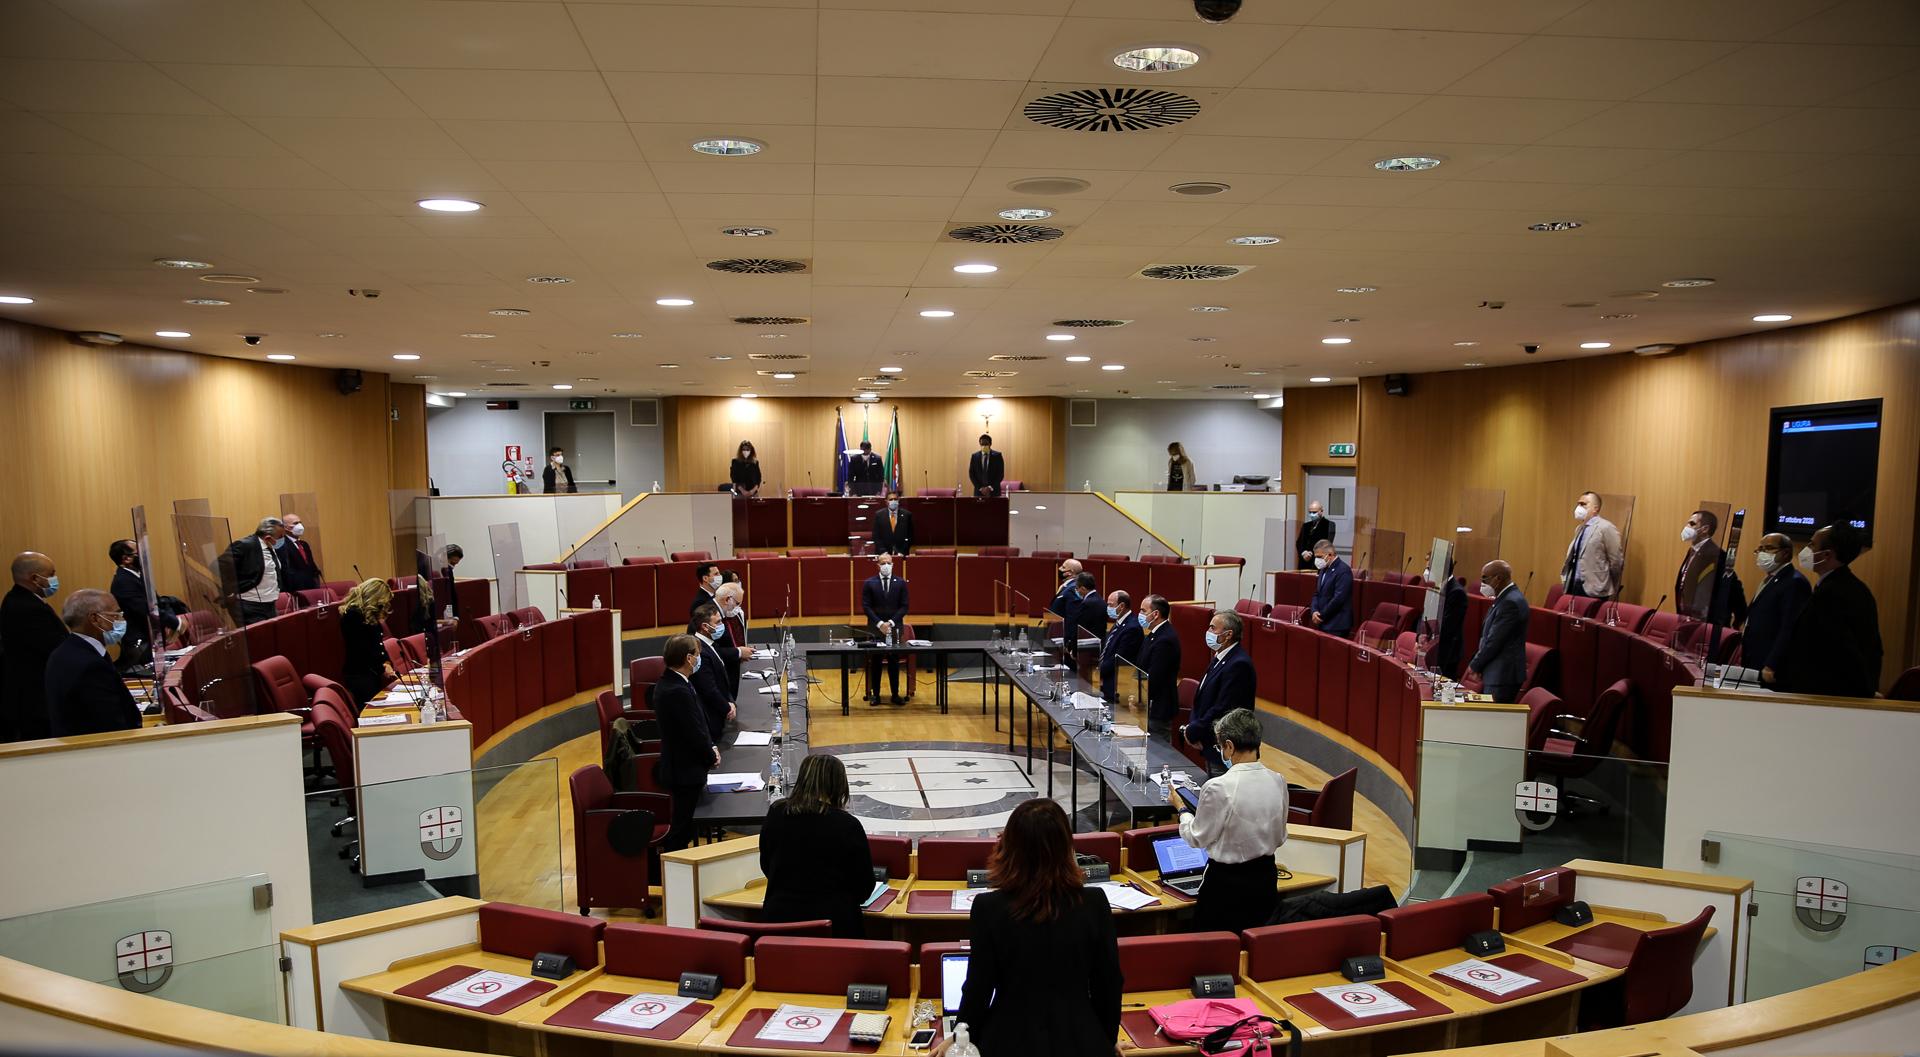 La discussa mozione del Consiglio regionale, Brambilla